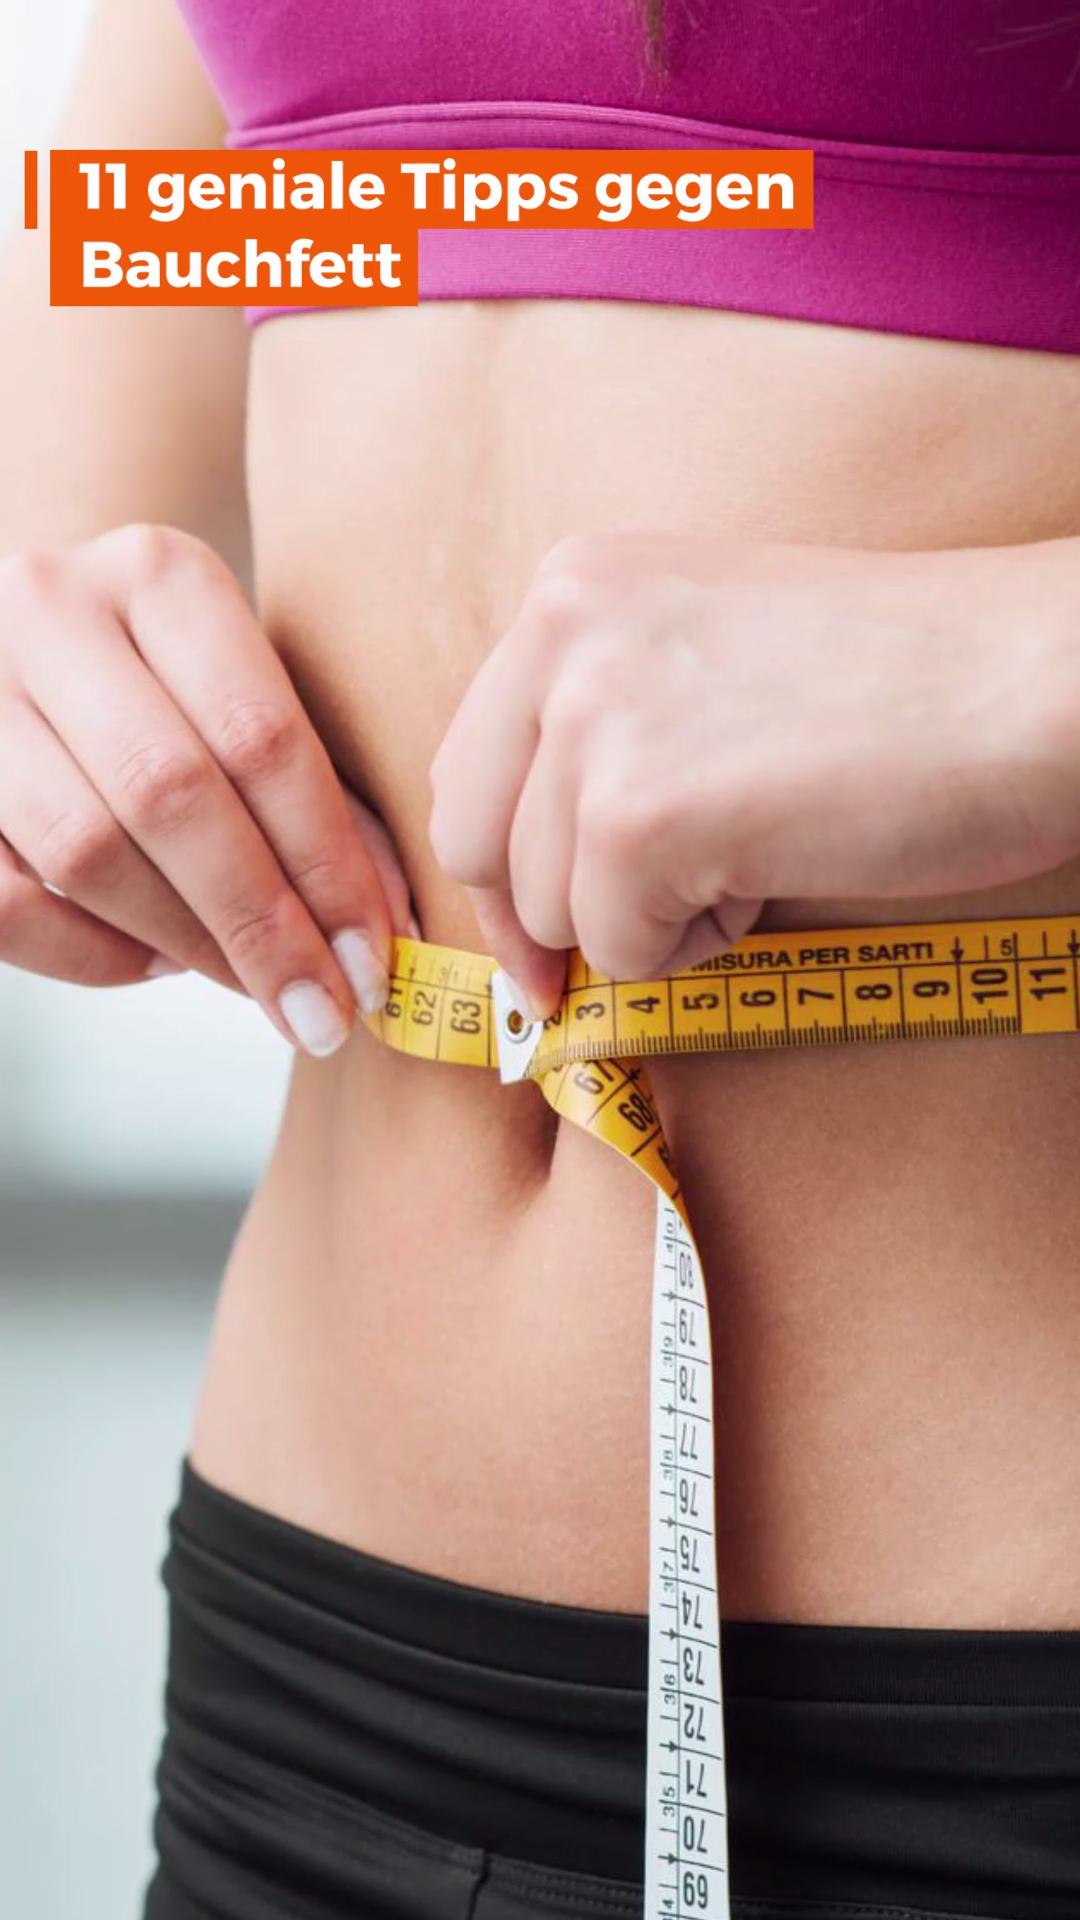 11 Tipps gegen Bauchfett   – Video-Tipps: Abnehmen, Ernährung & Lifehacks